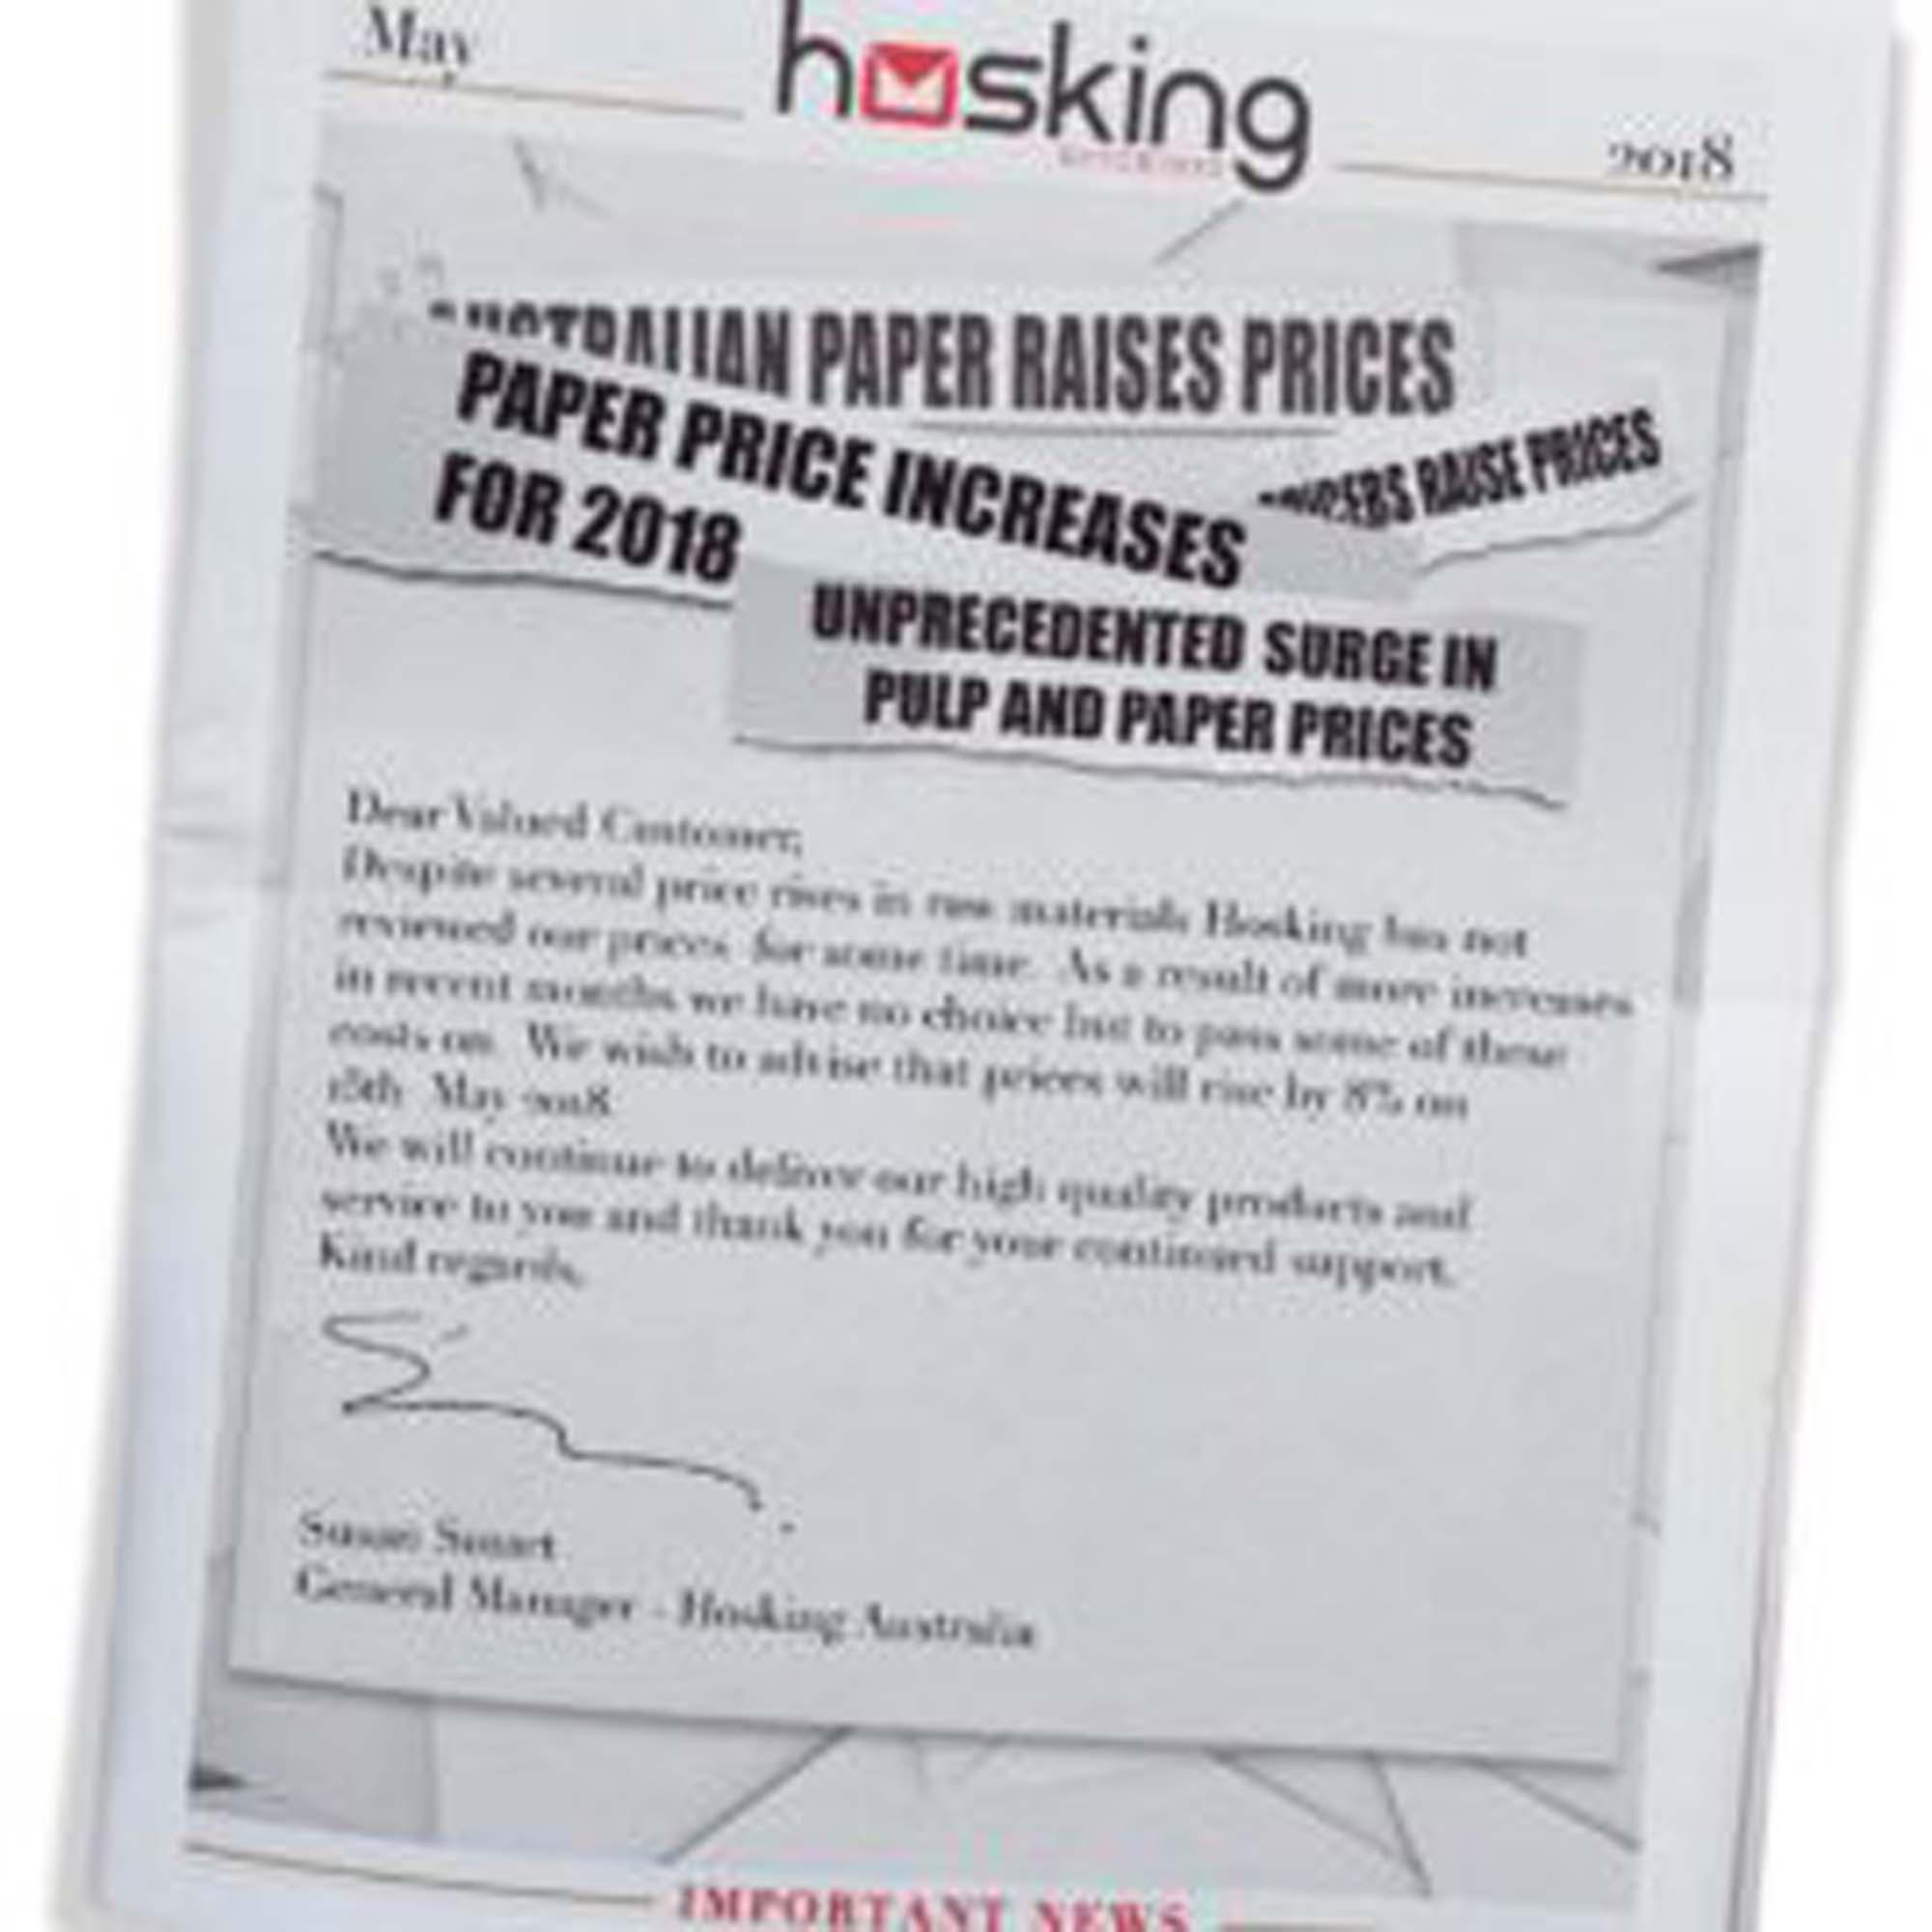 Hosking Price Increase